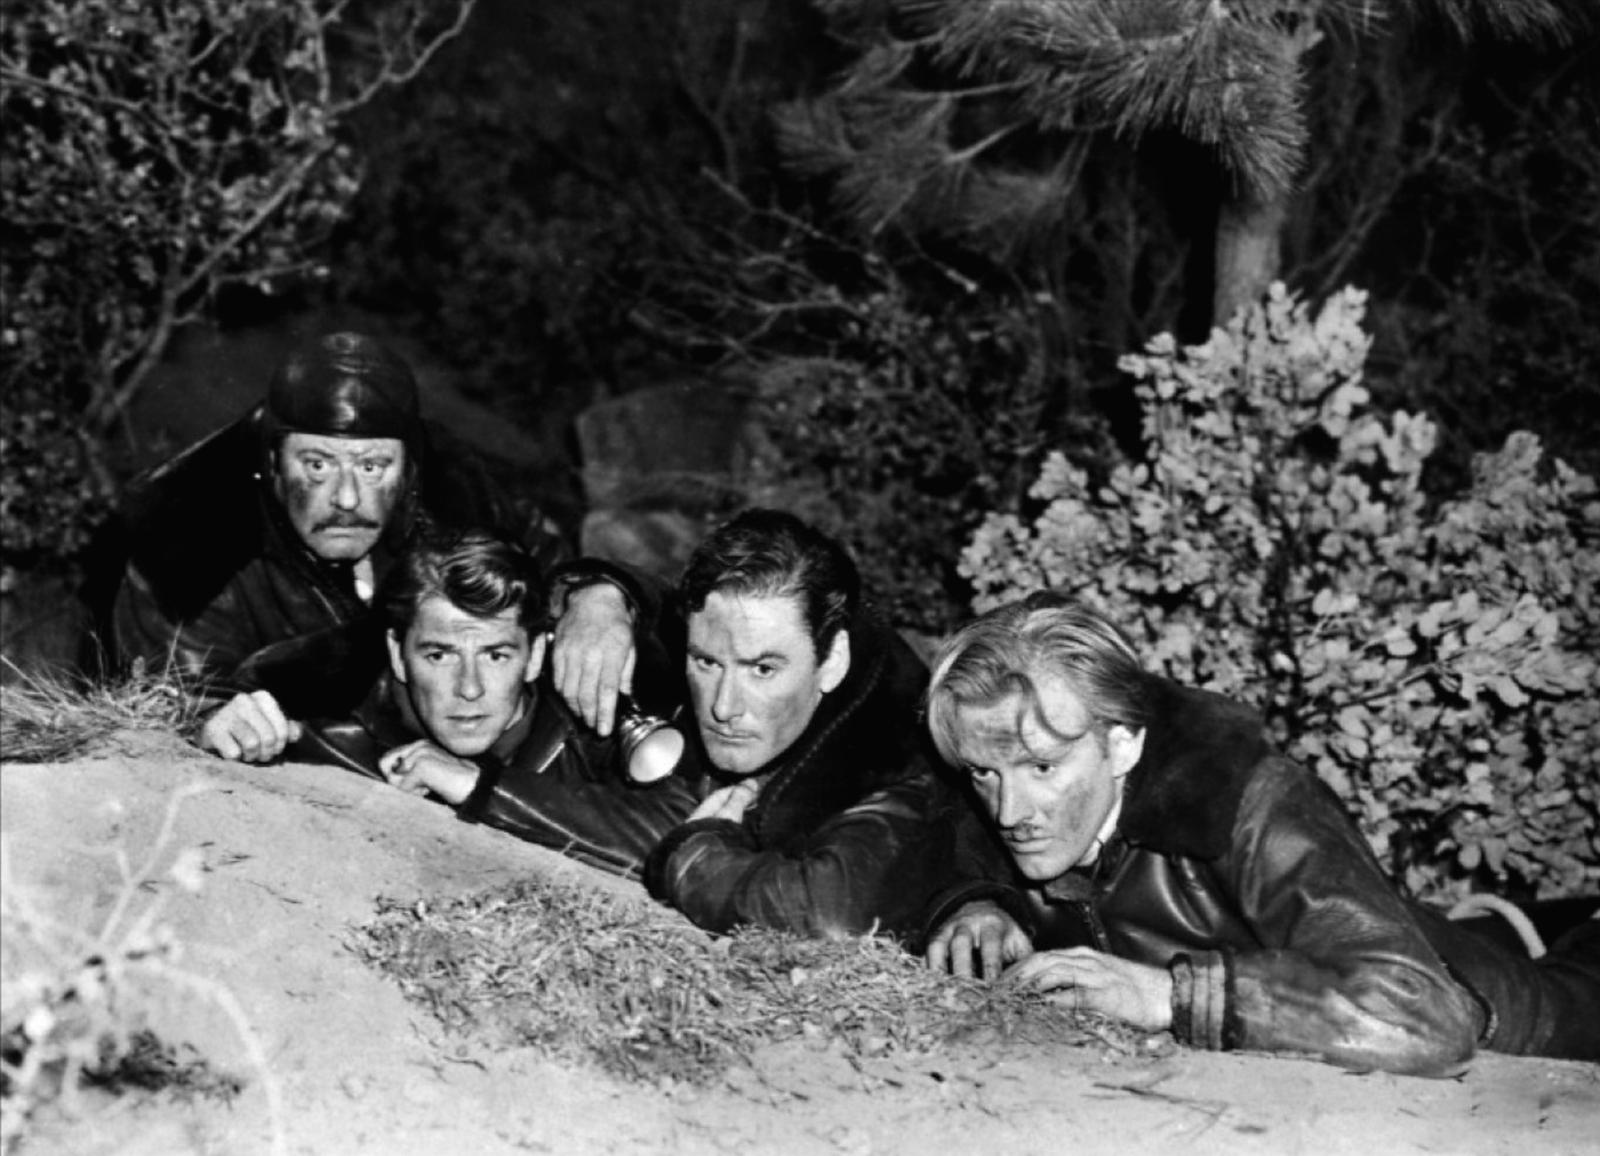 Alan Hale, Sr., Ronald Reagan, Errol Flynn, Arthur Kennedy